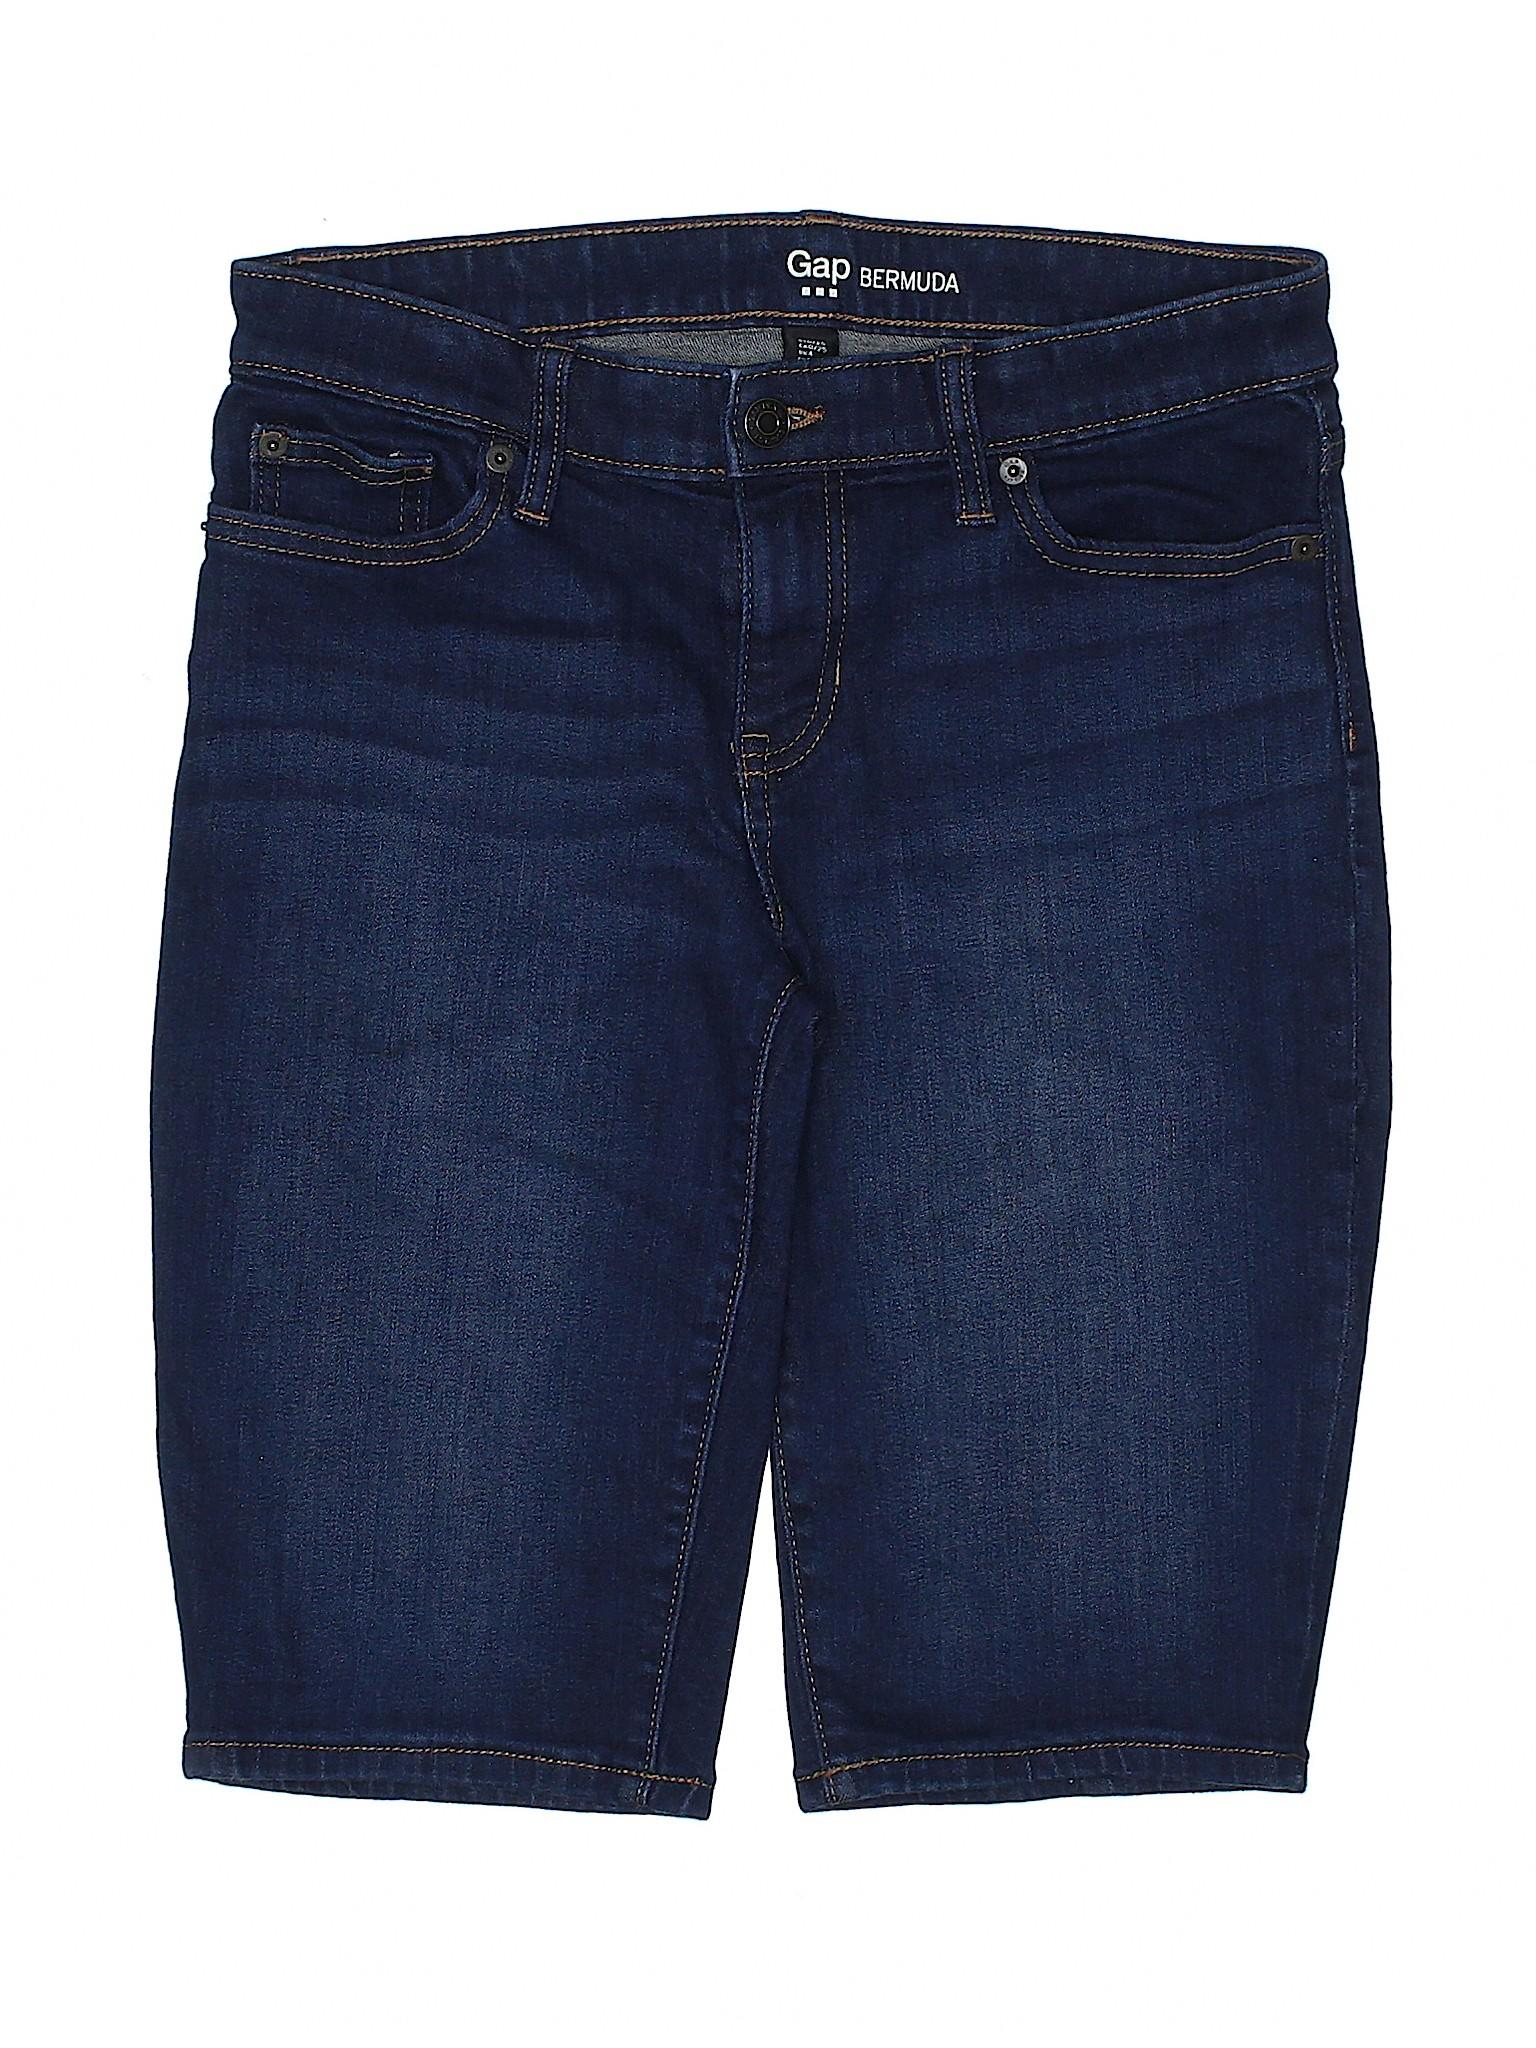 Denim Shorts Outlet Boutique Gap Outlet Gap Boutique Denim qxOBO0YF